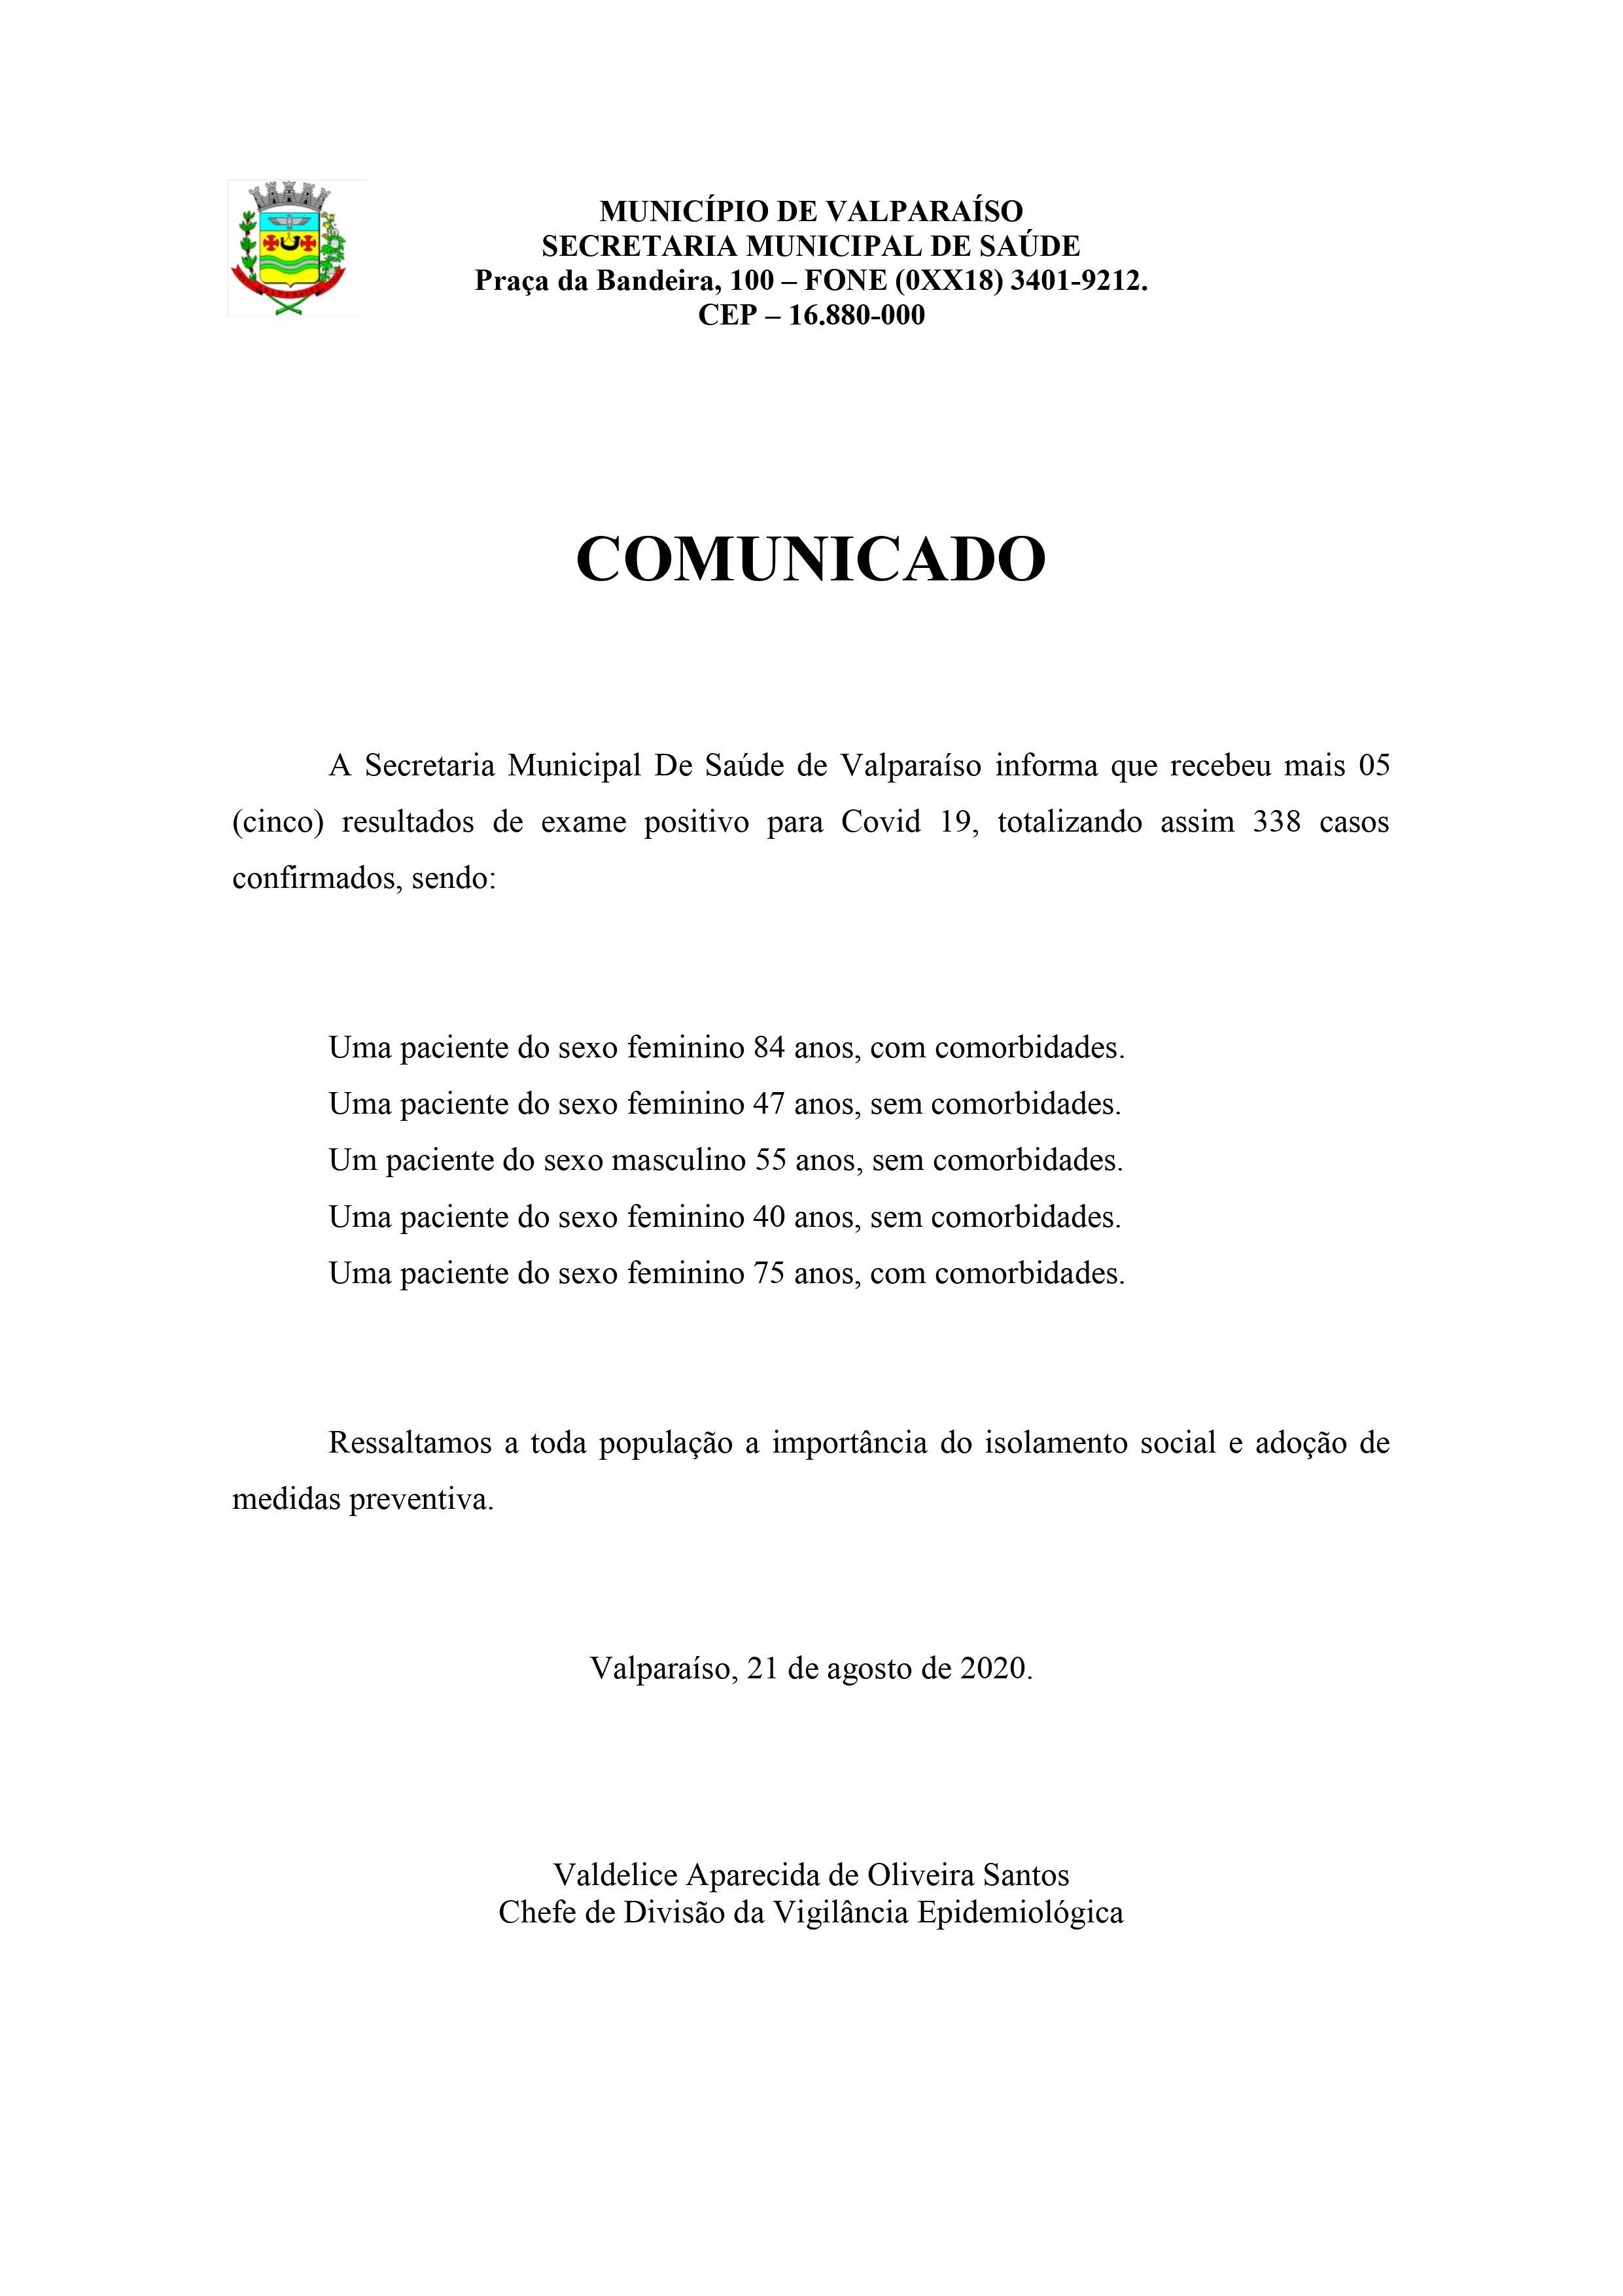 covid338